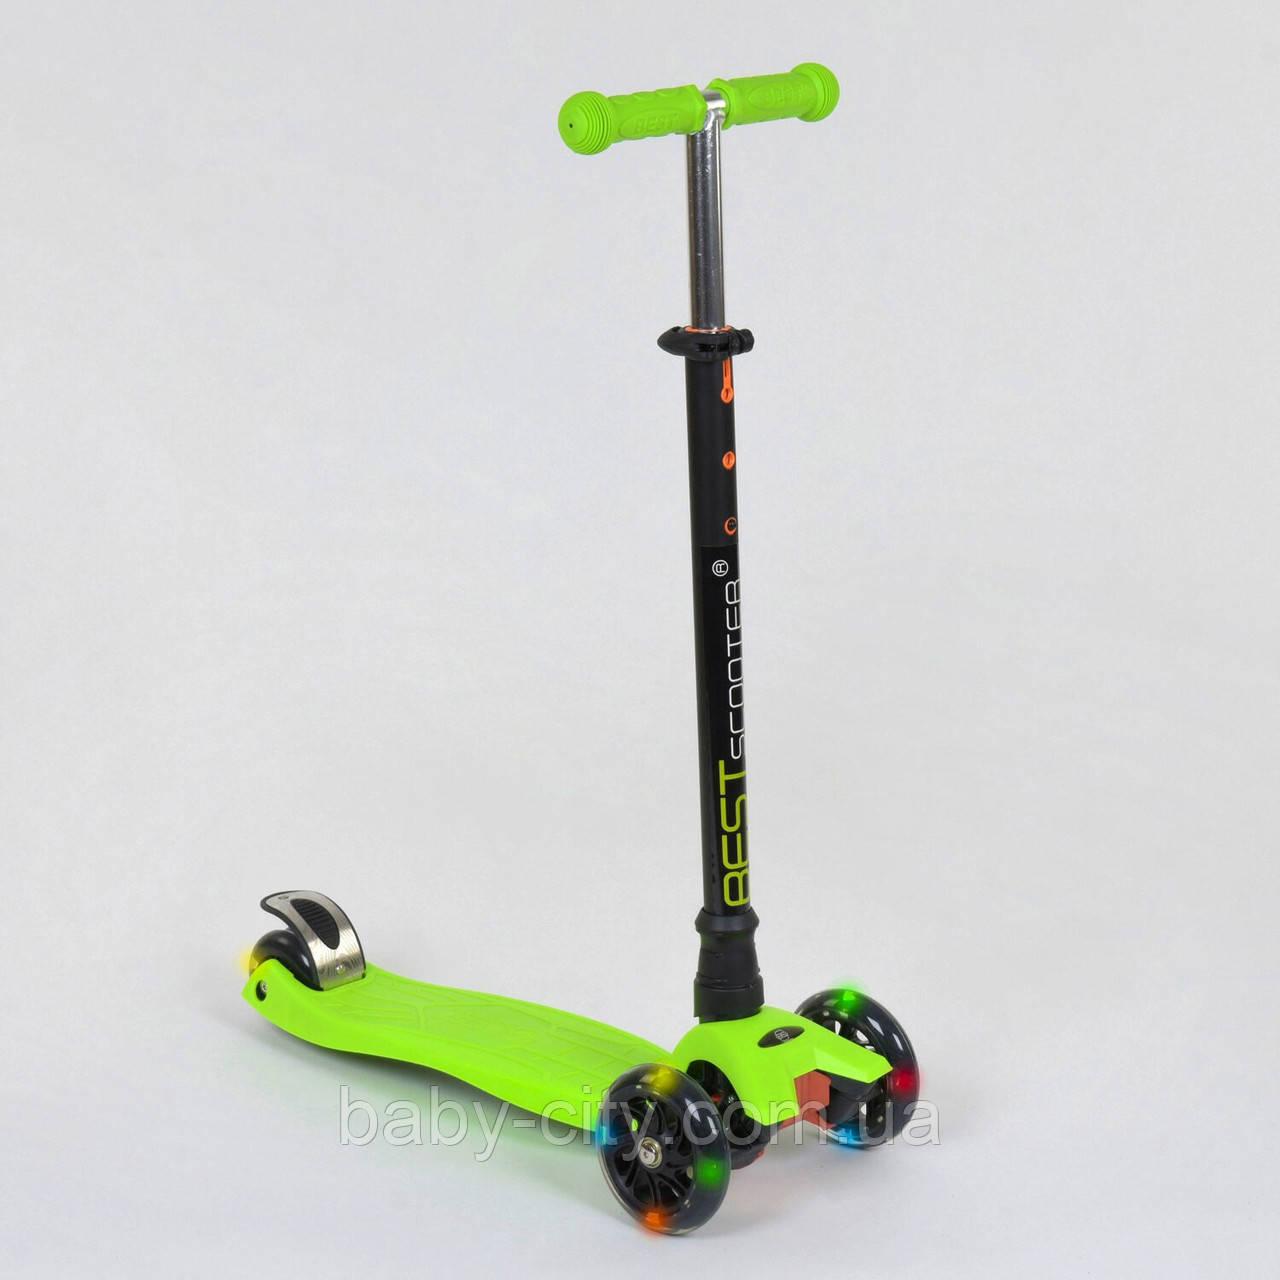 Самокат детский трехколесный Best Scooter Maxi 466-113 / А 24273 салатовый